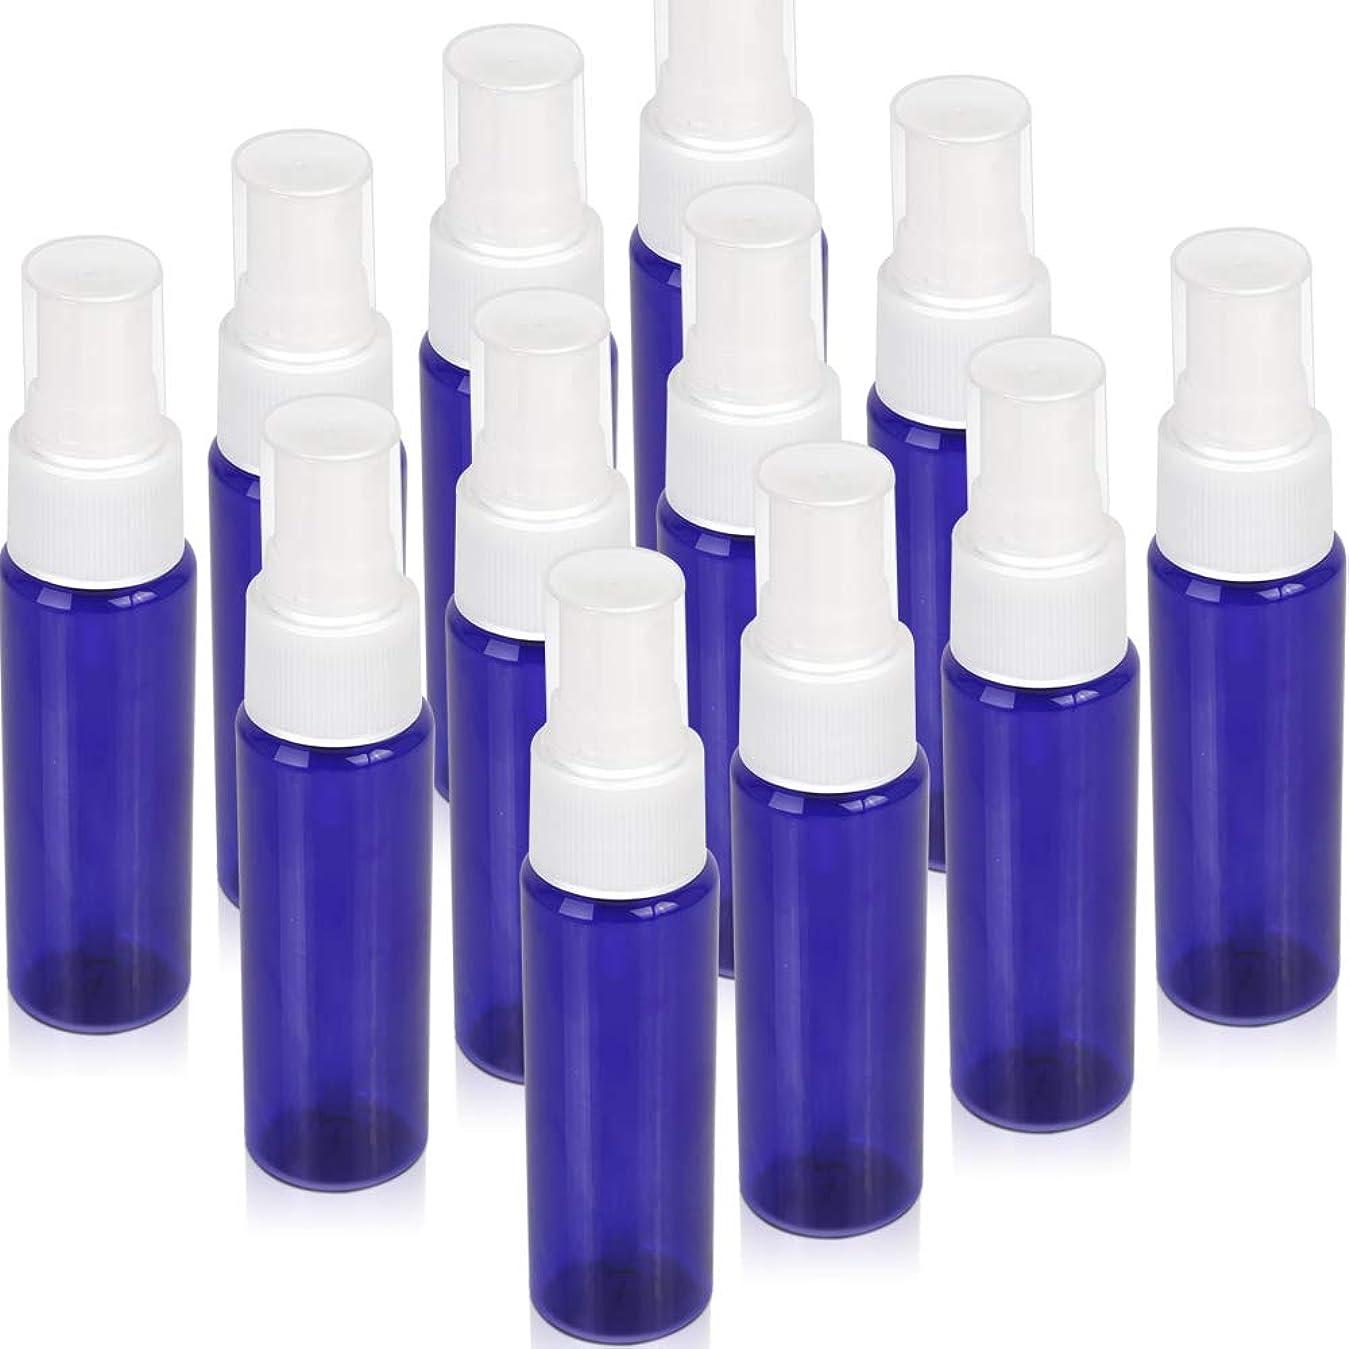 まだ冊子組み合わせるTeenitor スプレーボトル 30ml 遮光 12本 遮光瓶スプレー スプレー容器 青色 アロマスプレー 香水スプレー 霧吹き アトマイザー 詰め替え容器 キャップ付 PET製